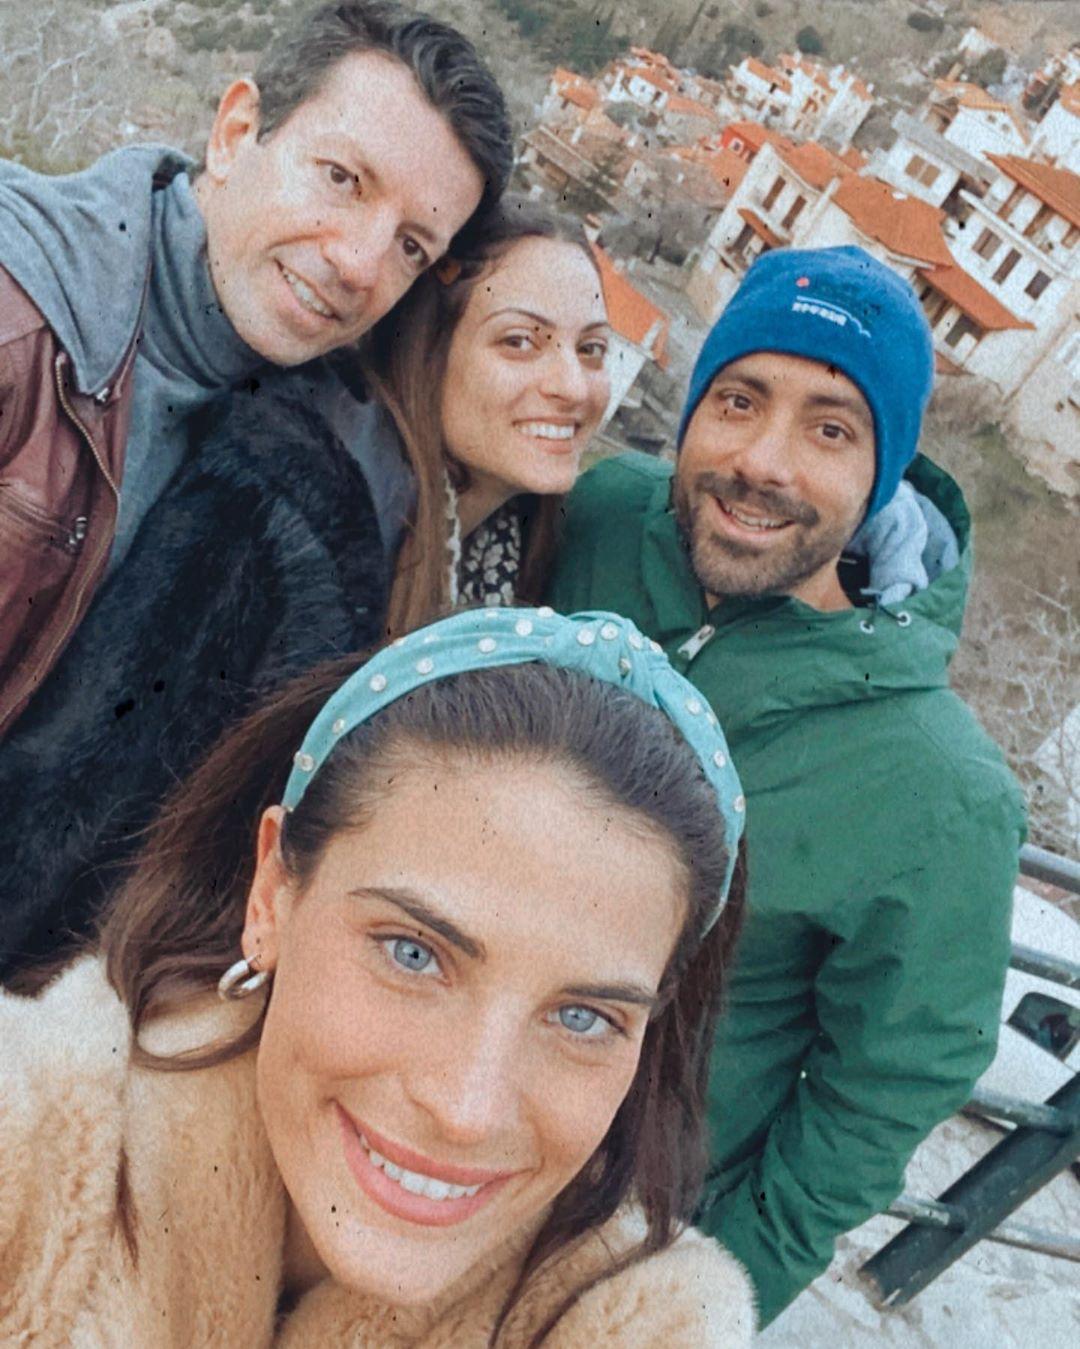 Χριστίνα Μπόμπα - Σάκης Τανιμανίδης: Χειμερινή απόδραση στην Αράχοβα μαζί με φίλους! [pics,video]